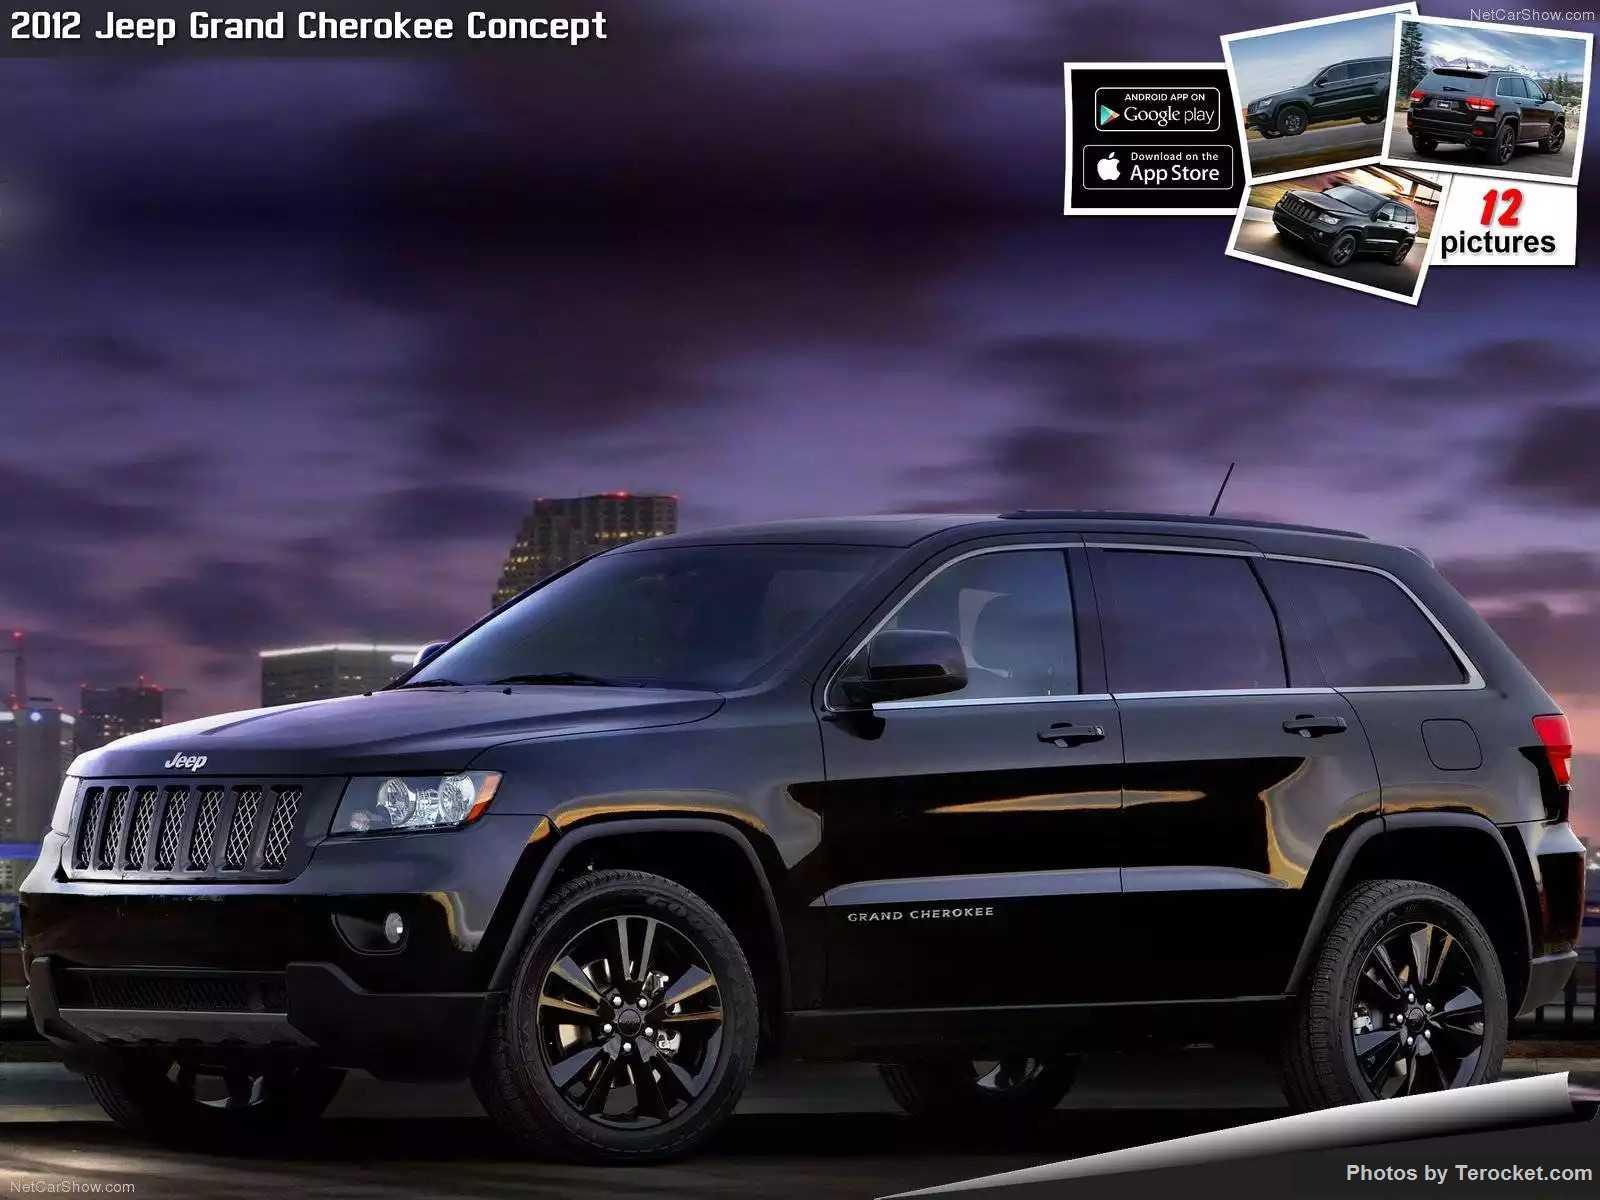 Hình ảnh xe ô tô Jeep Grand Cherokee Concept 2012 & nội ngoại thất